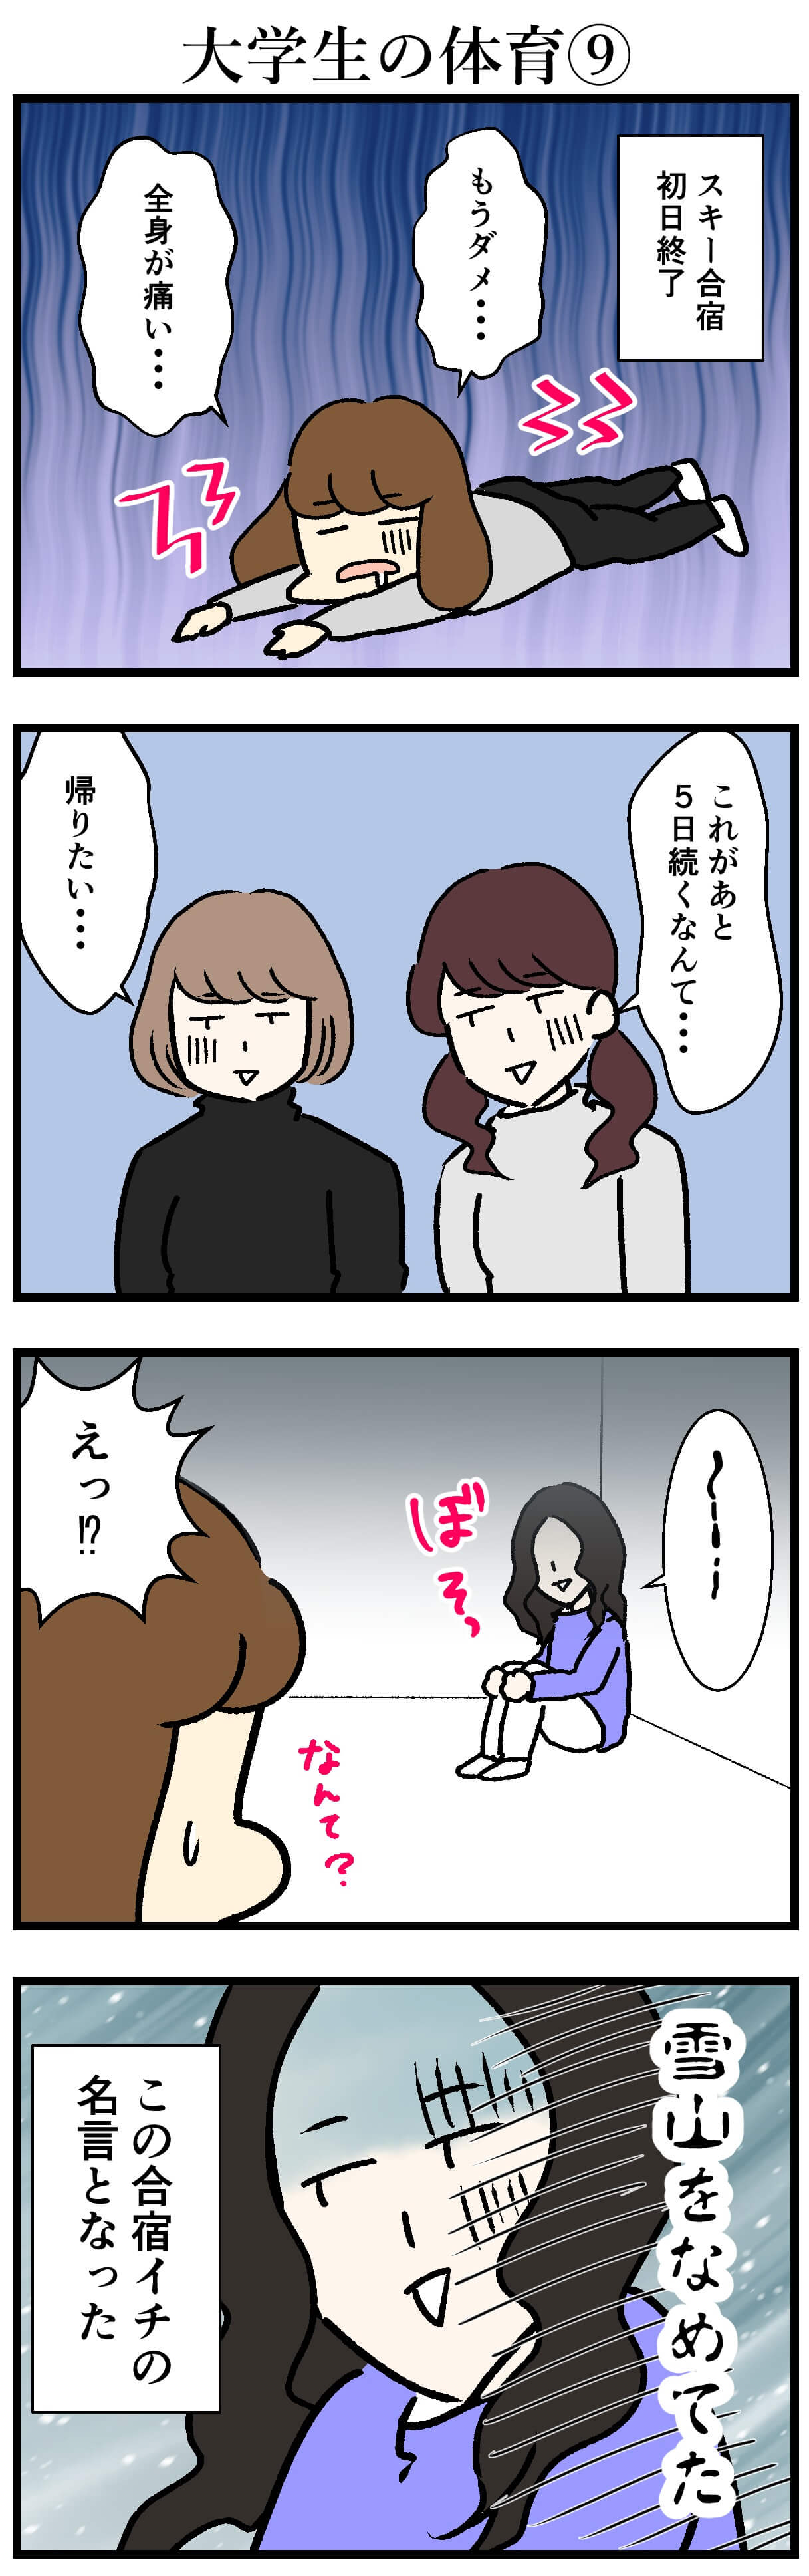 【エッセイ漫画】アラサー主婦くま子のふがいない日常(99)